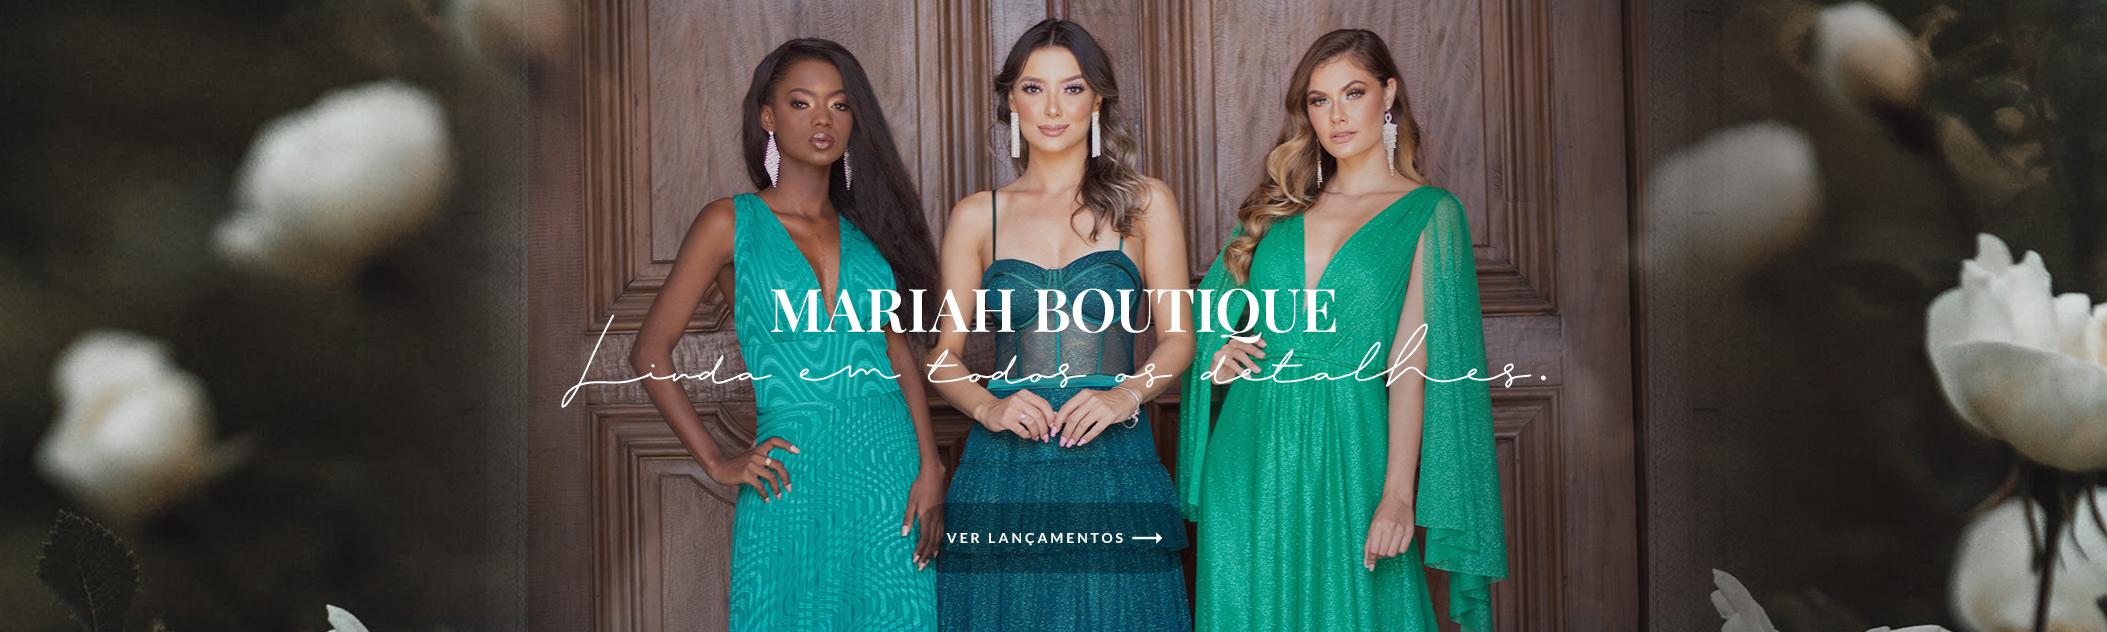 mariah boutique - linda em todos os detalhes.